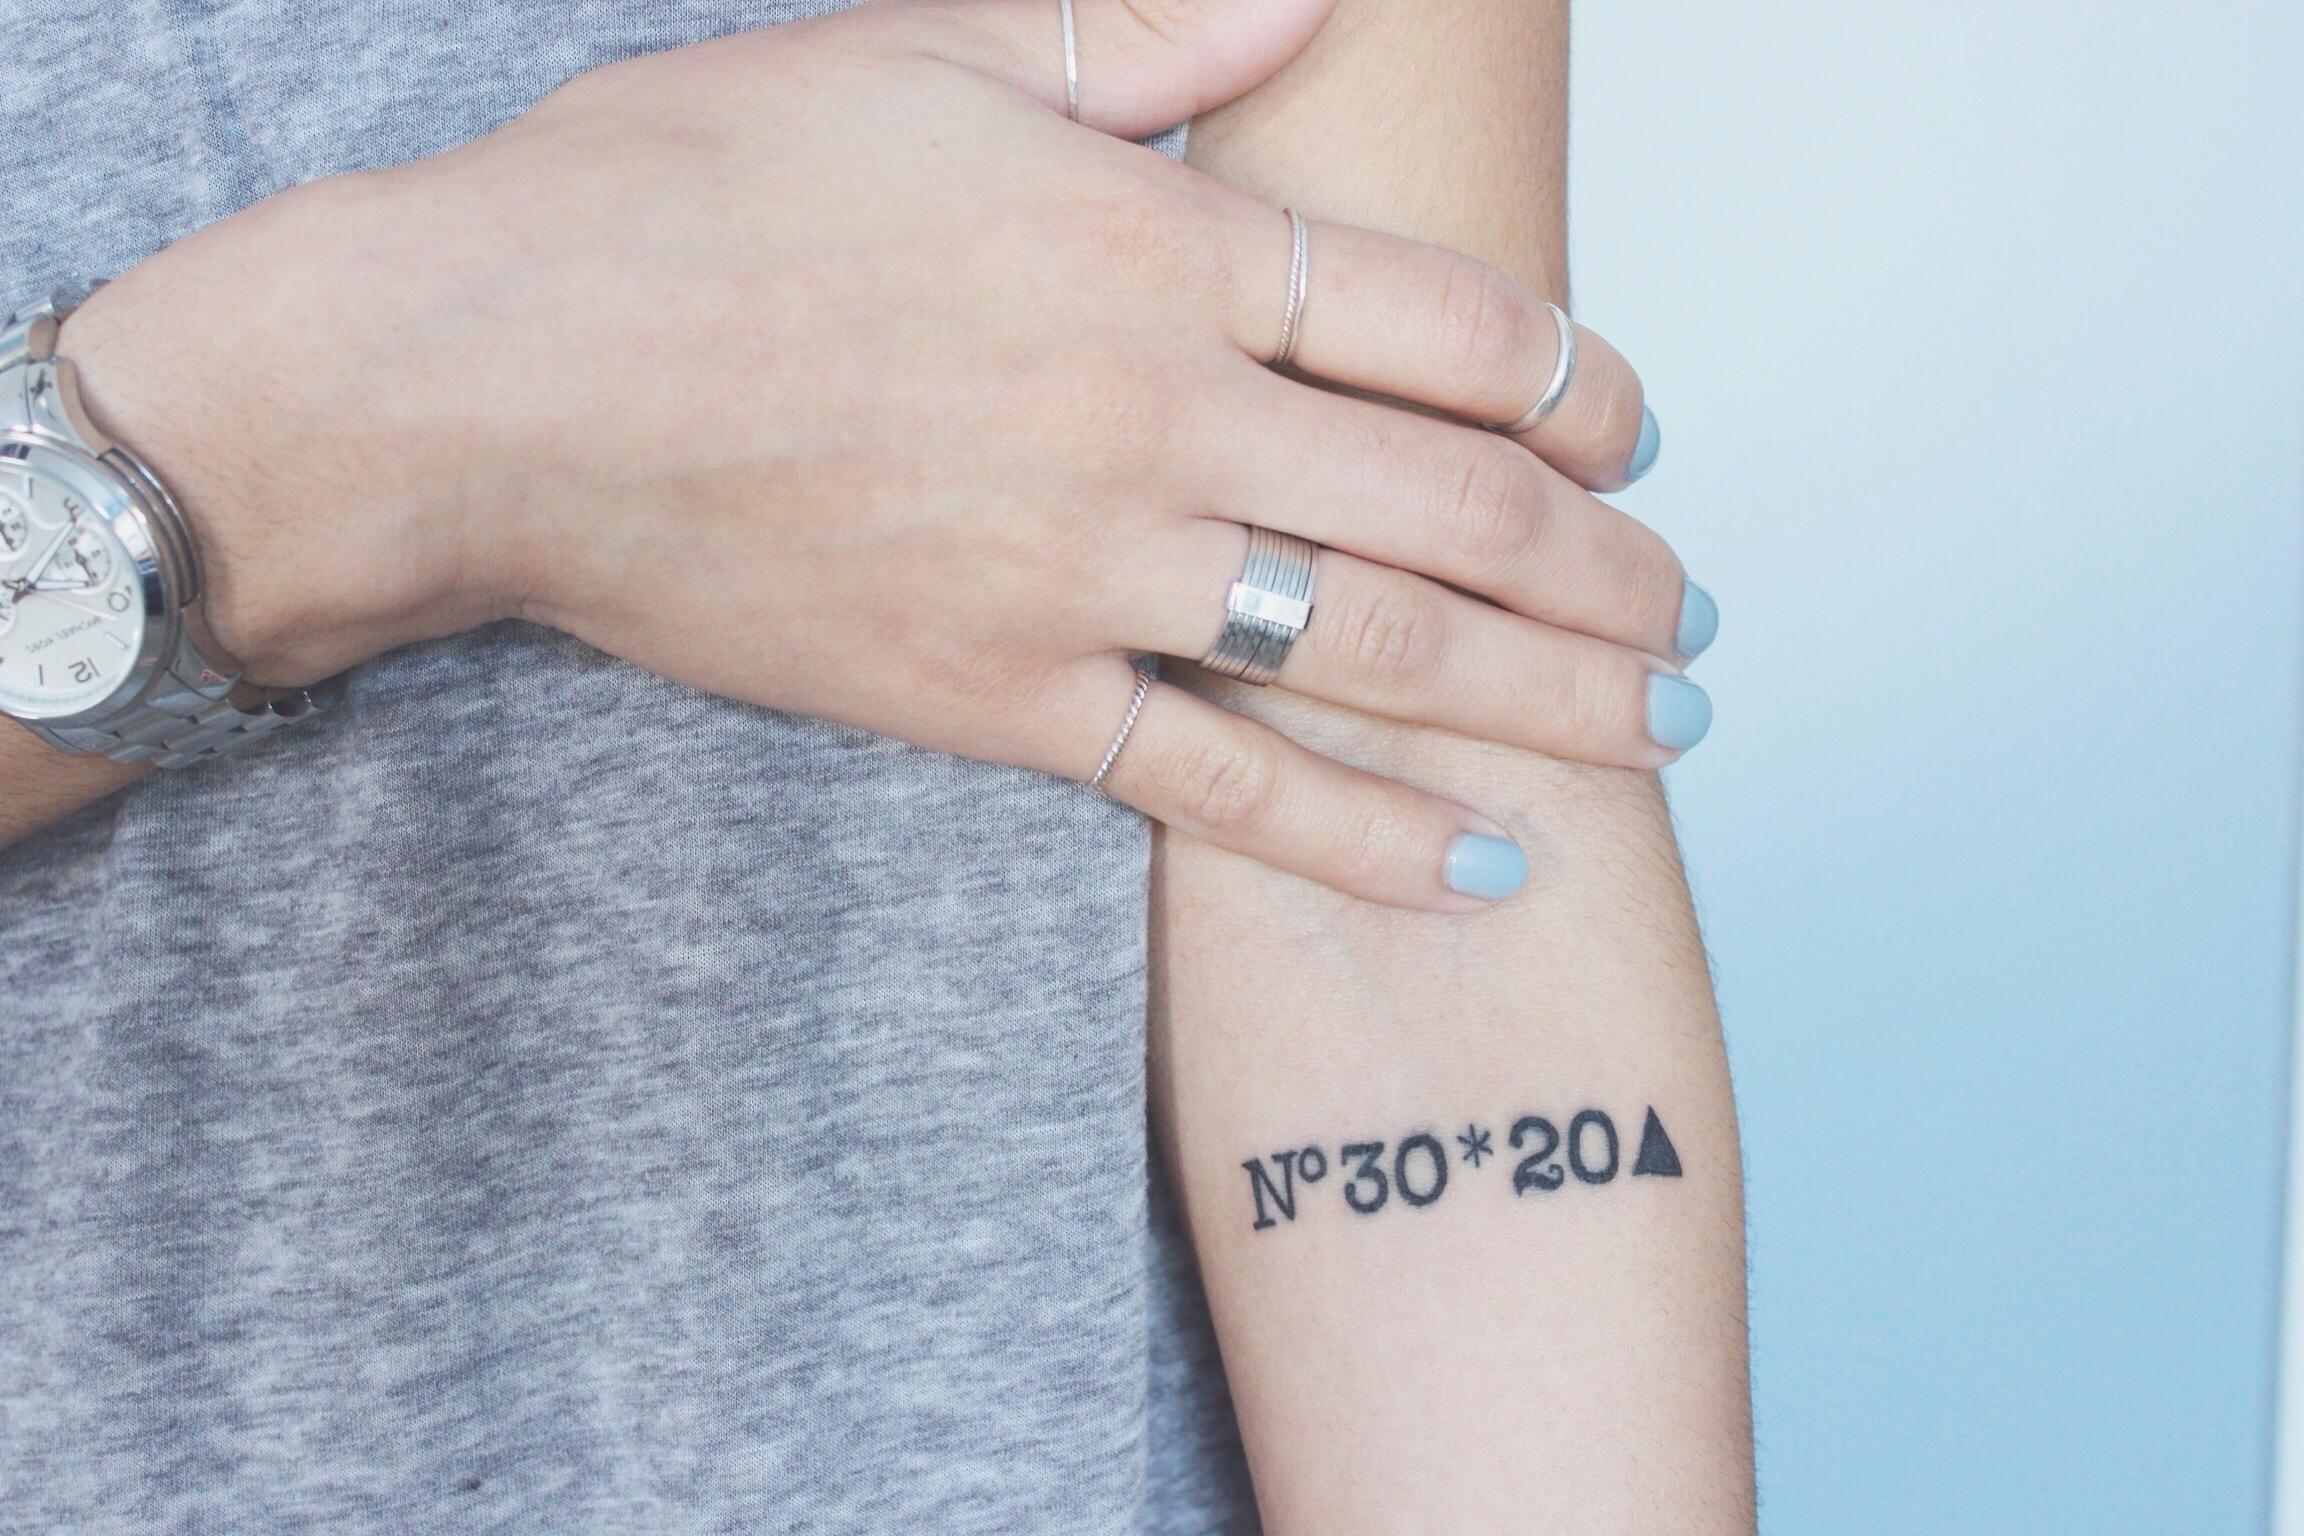 Frauen Tattoo Hand Tattoo Koordinaten Tattoo